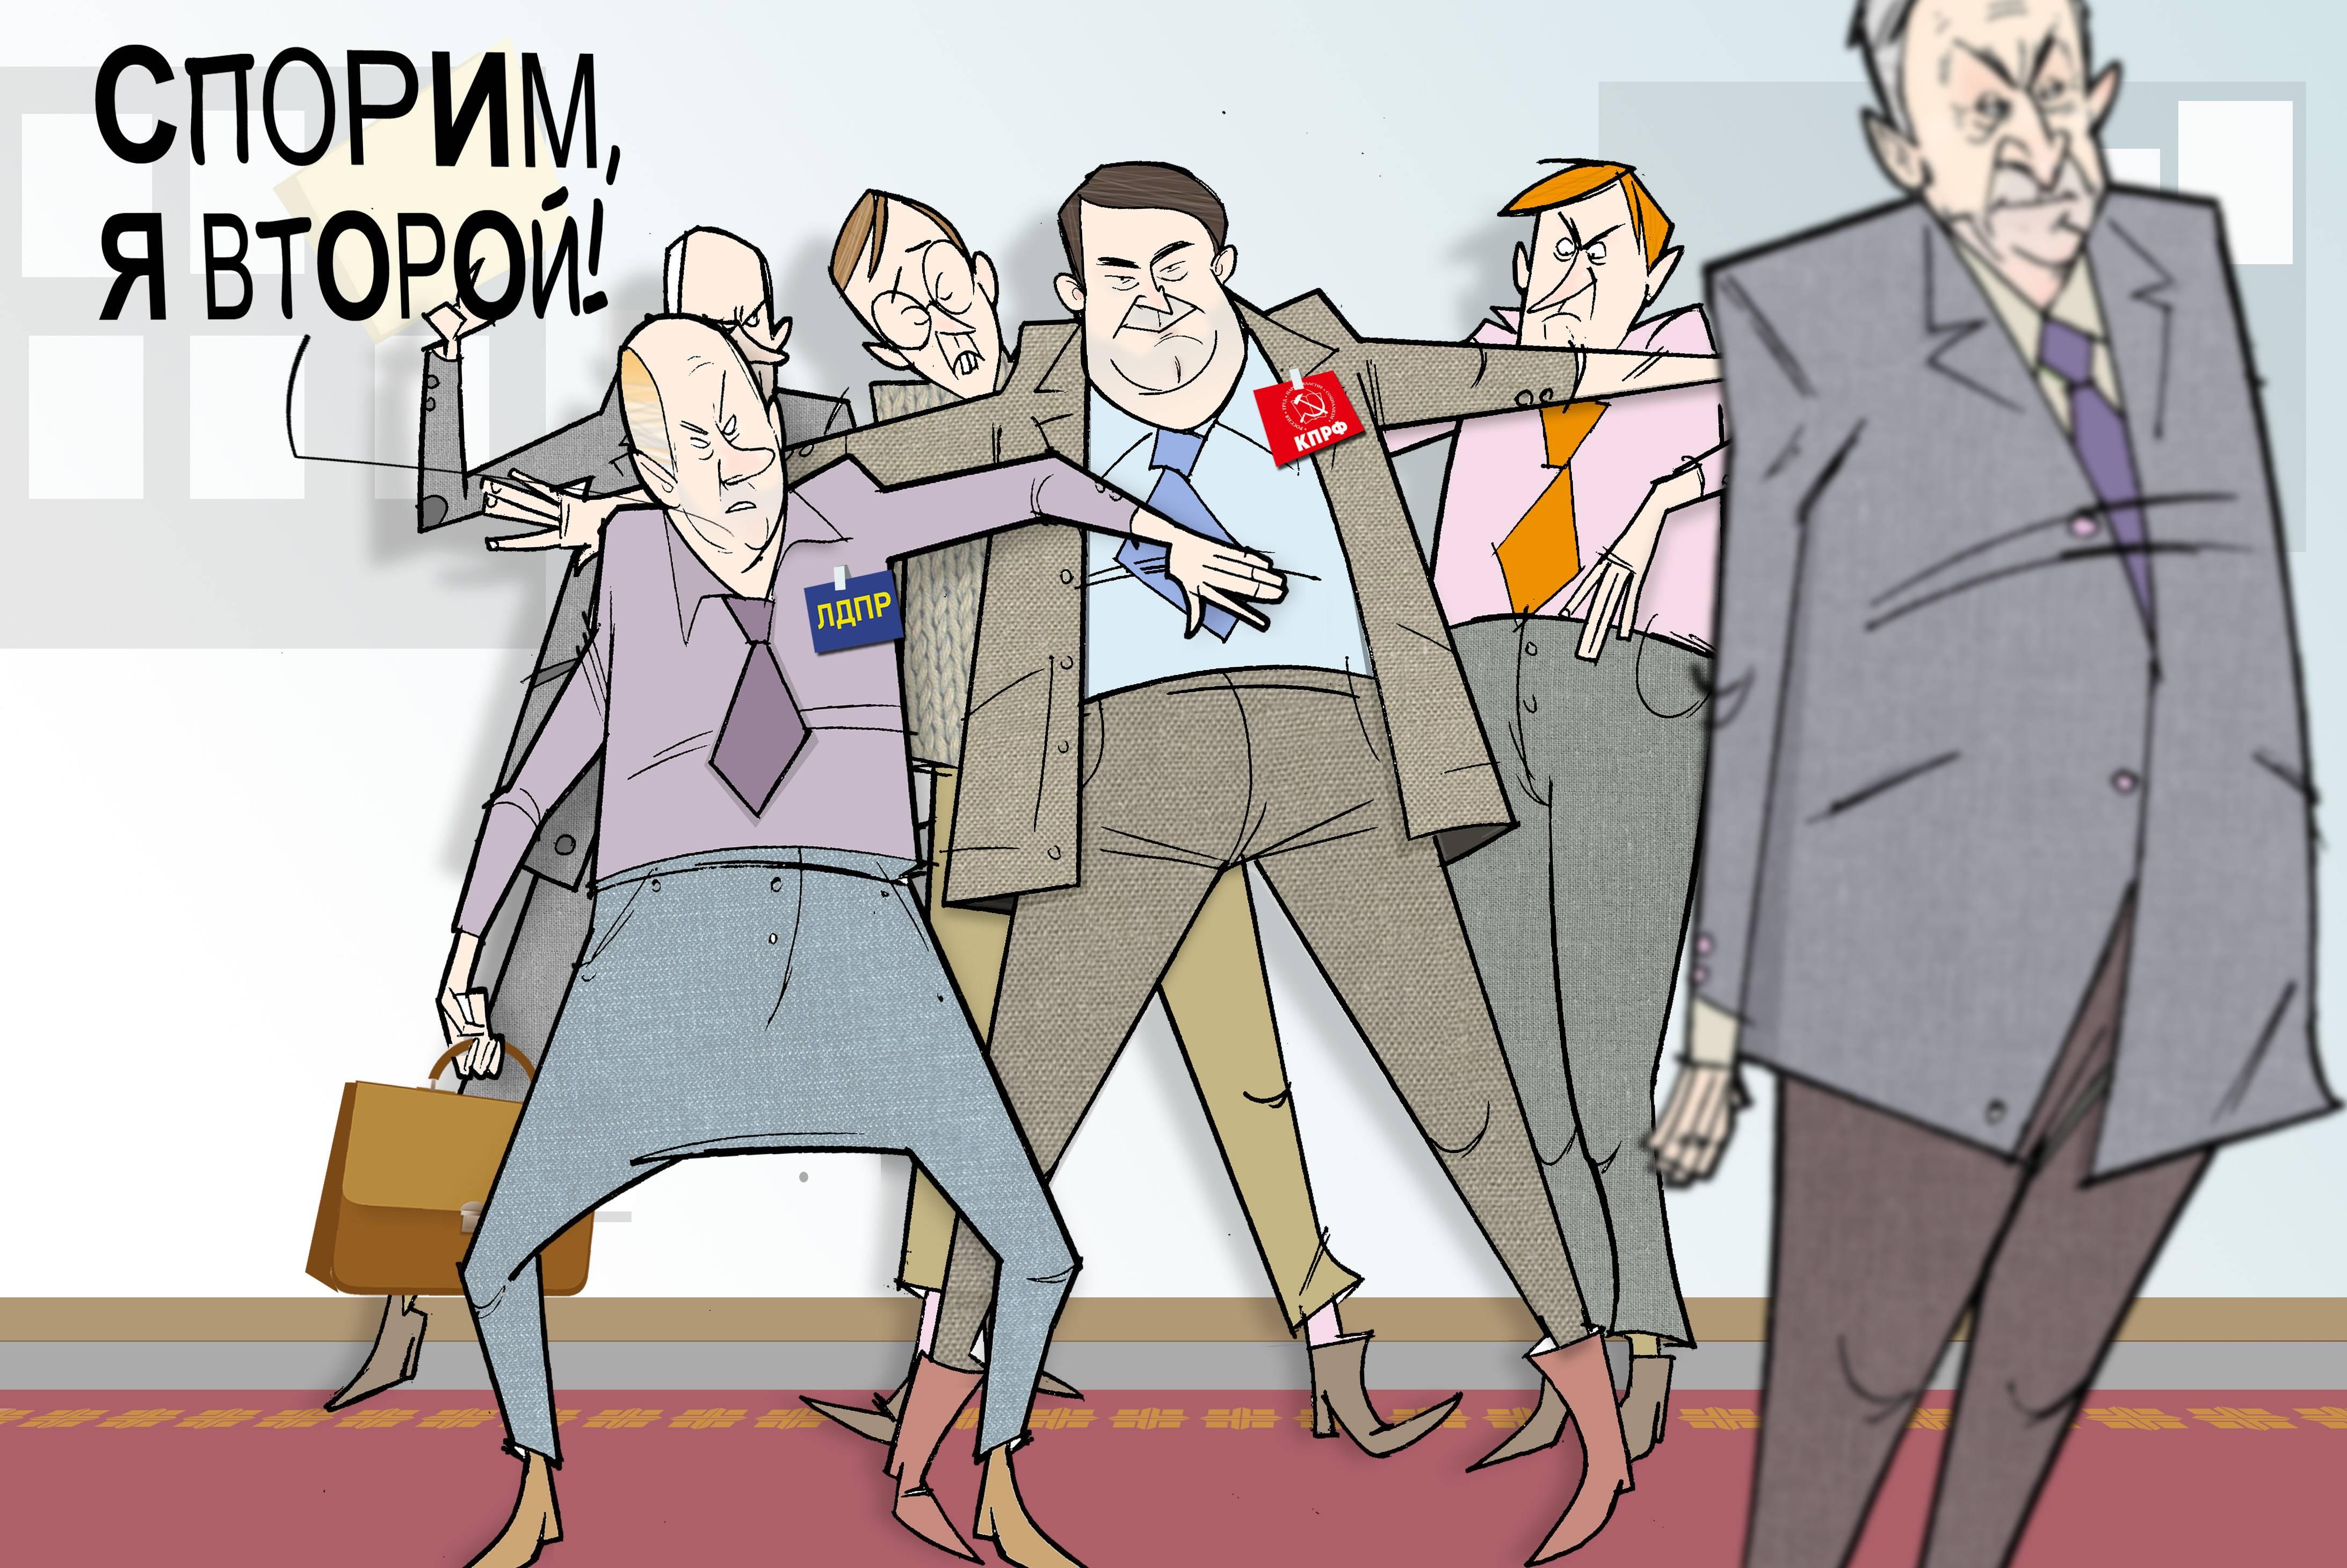 """Спорим, я второй! #Выборы #Удмуртия #Маркин #ЛДПР #Чепкасов #КПРФ #ГлаваУР #Соловьёв © Газета """"День"""" 2014"""